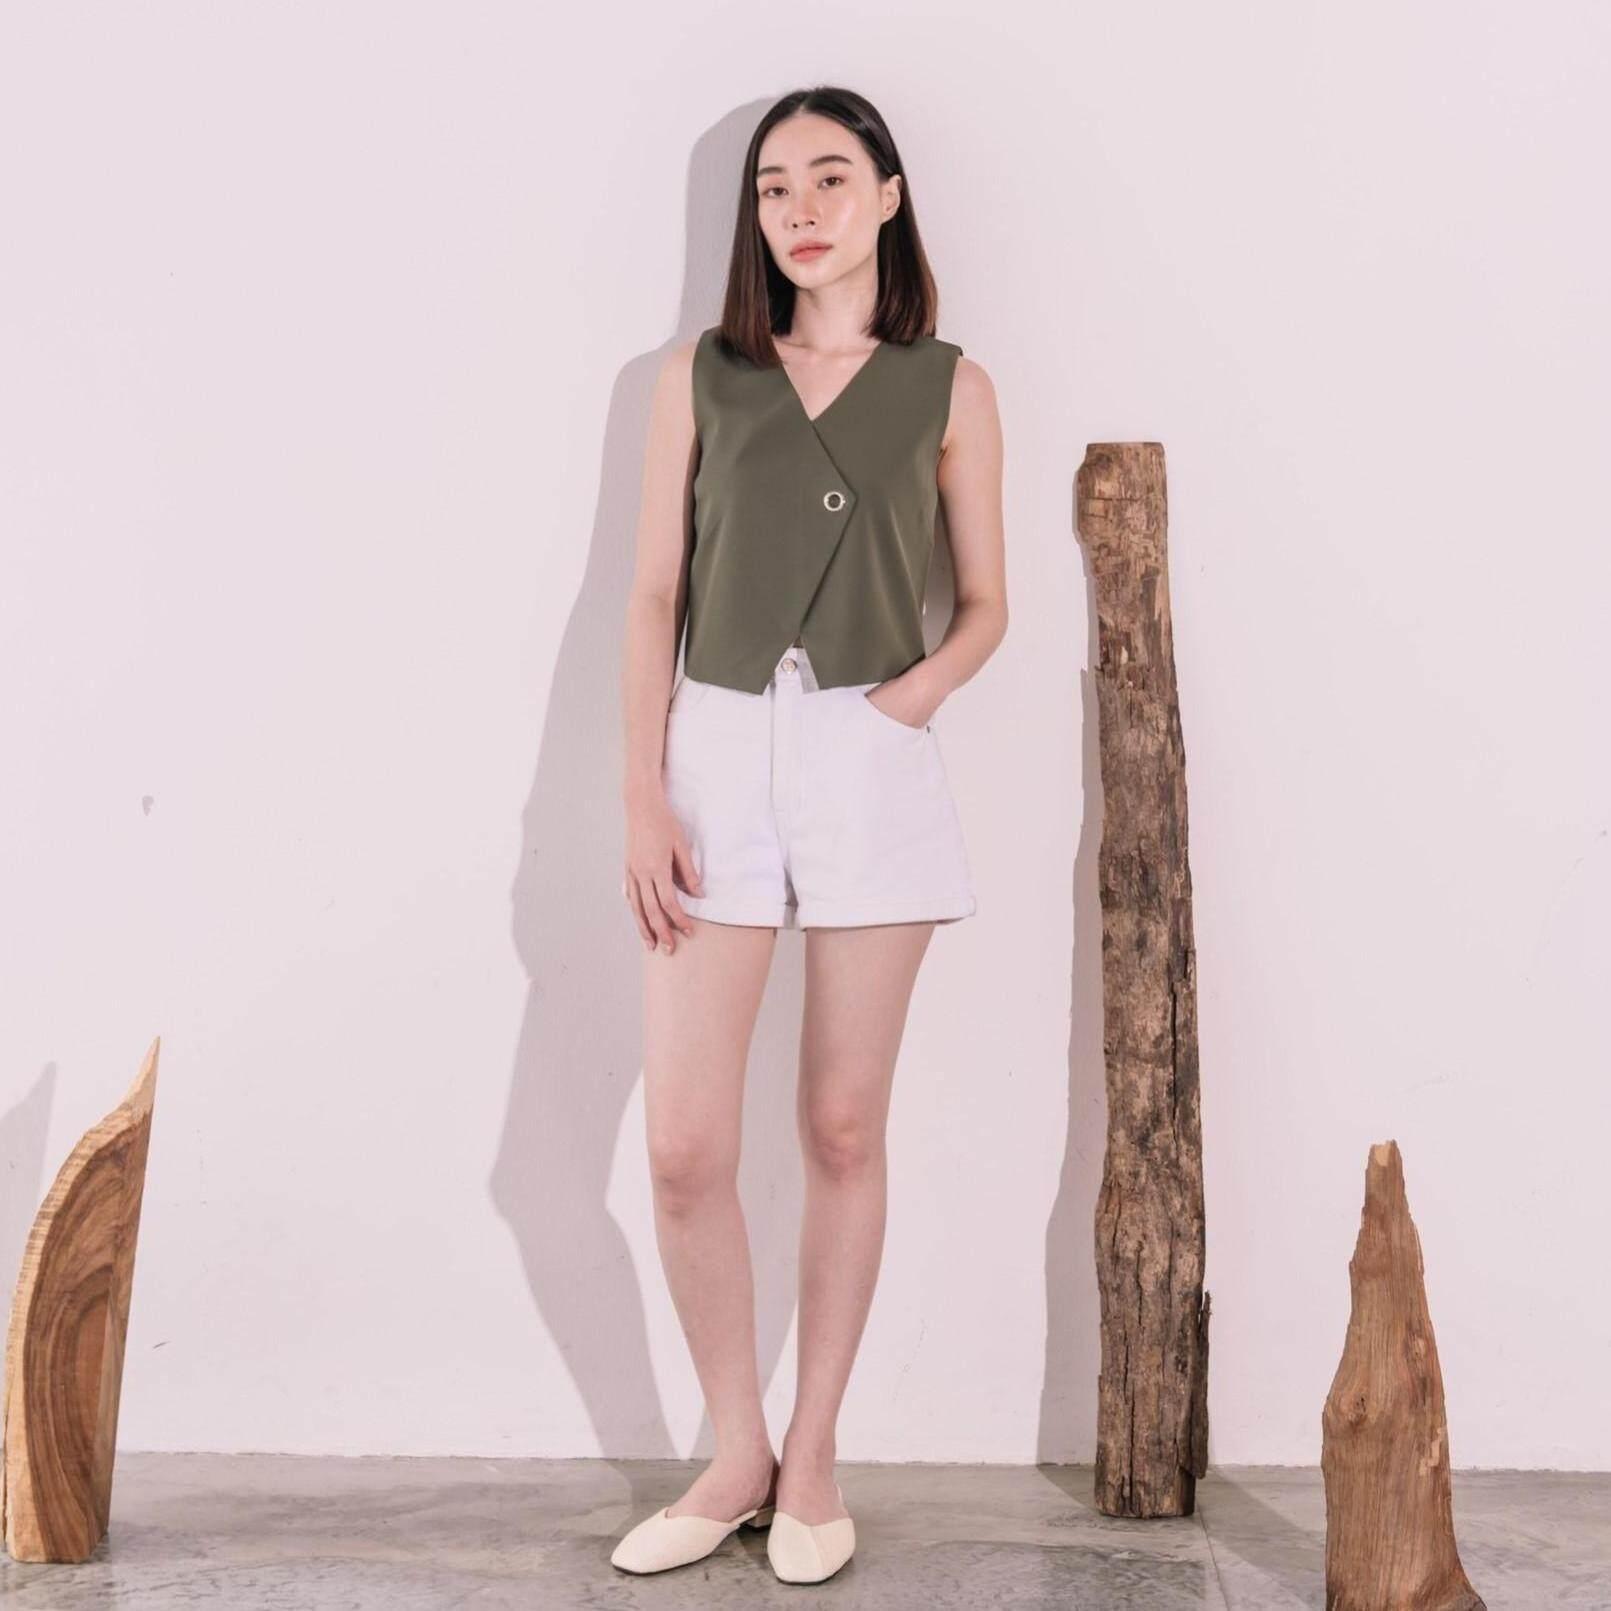 RMVcollection new collection Basics เสื้อแขนกุด premium รุ่น Cara Top